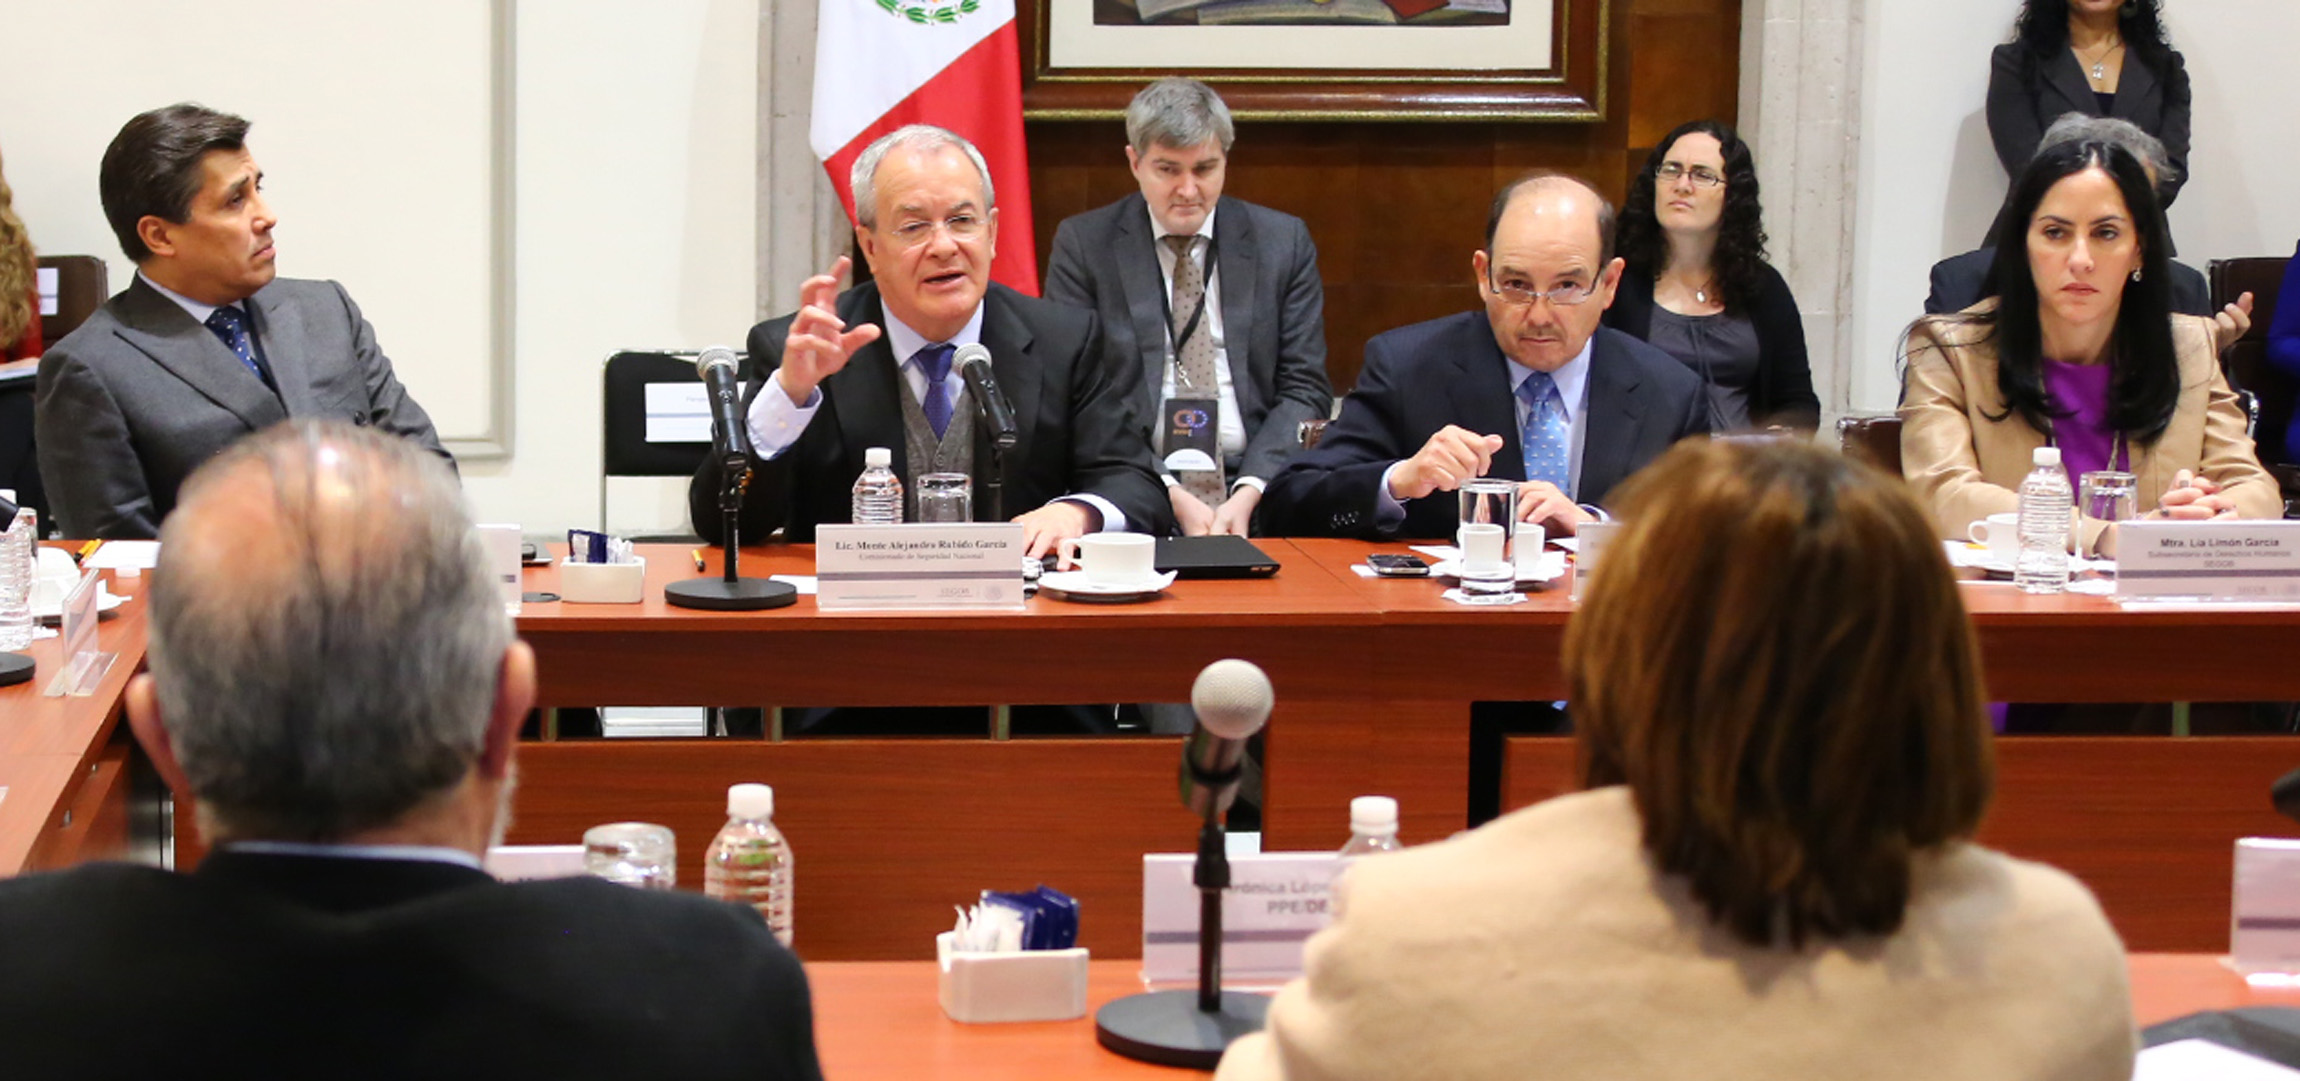 El Comisionado Nacional de Seguridad, Monte Alejandro Rubido García, preside la reunión de políticas públicas en derechos humanos y acciones de seguridad, en el Salón Juarez de la Secretaría de Gobernación.